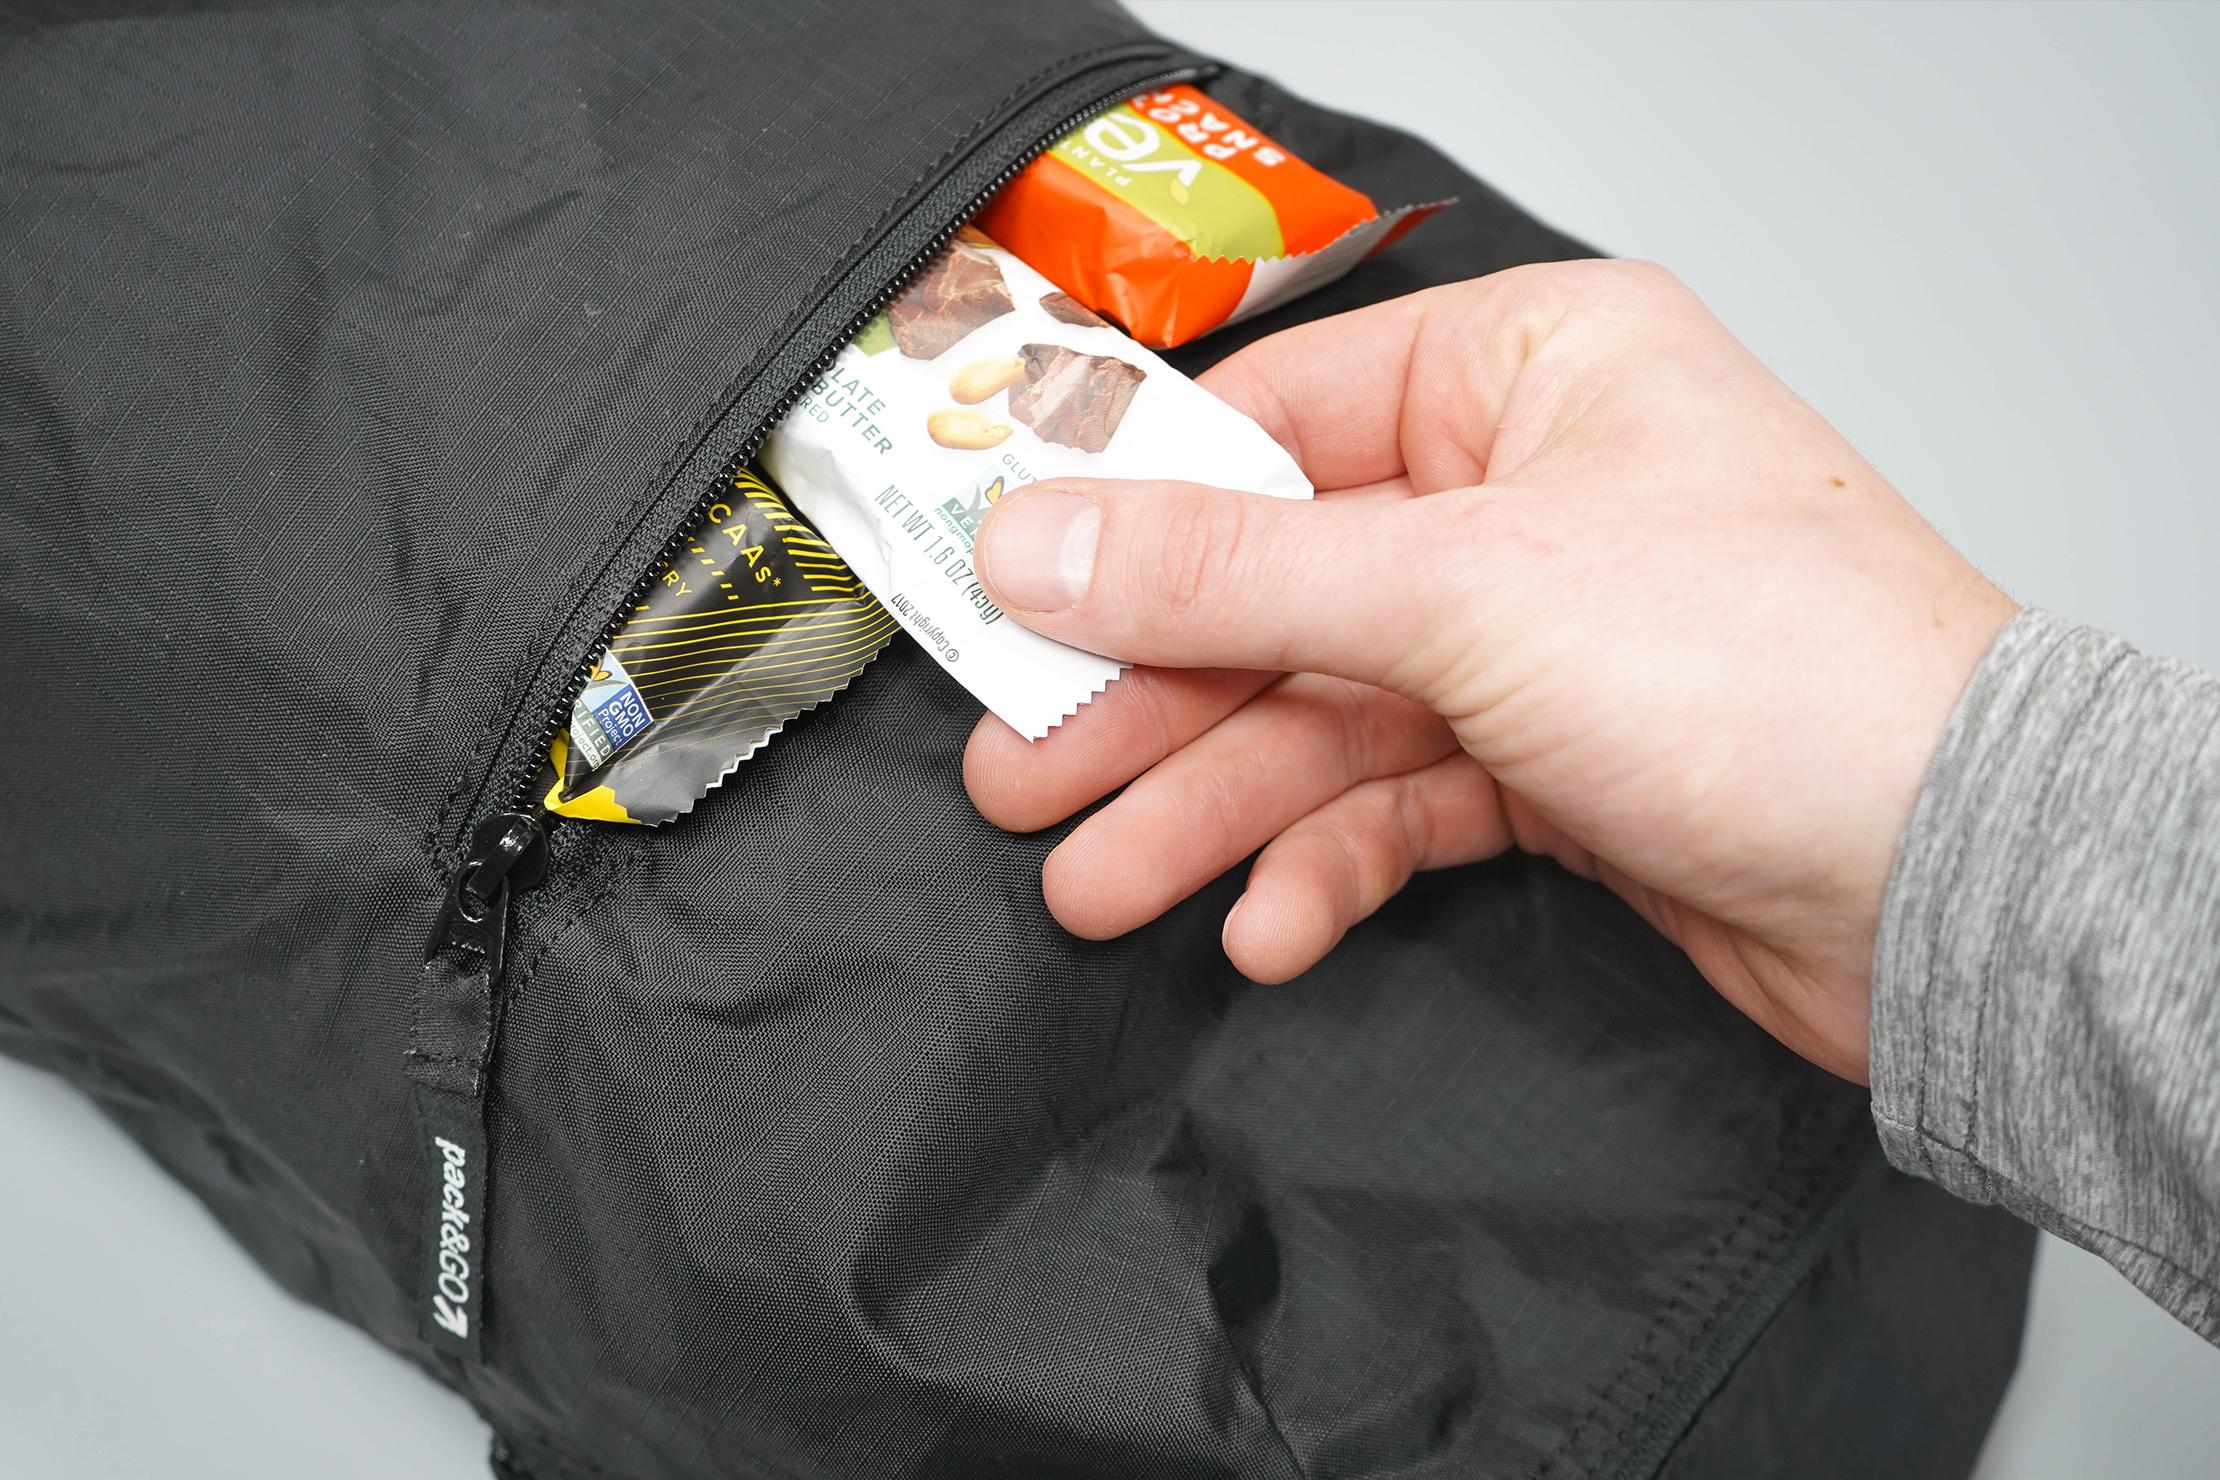 Kathmandu Pocket Pack V4 Front Pocket